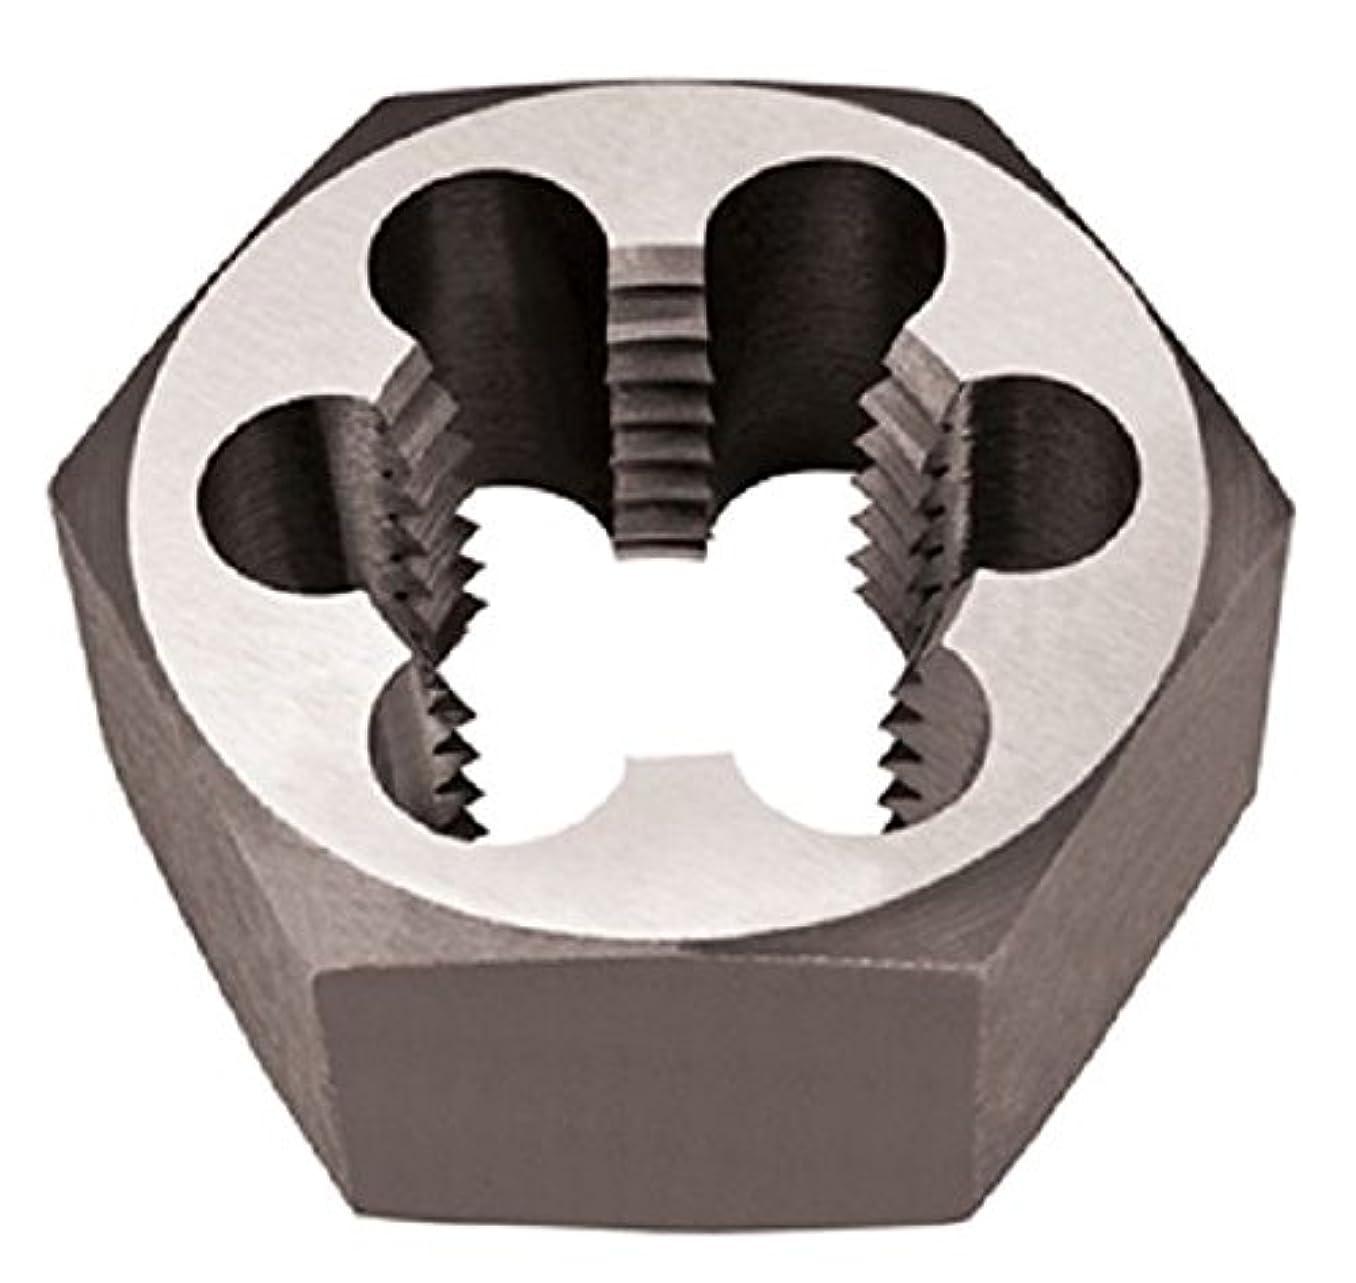 Alfa Tools CSRTD70690L 4-48 Left Hand Rethreading Hex Die Carbon Steel,